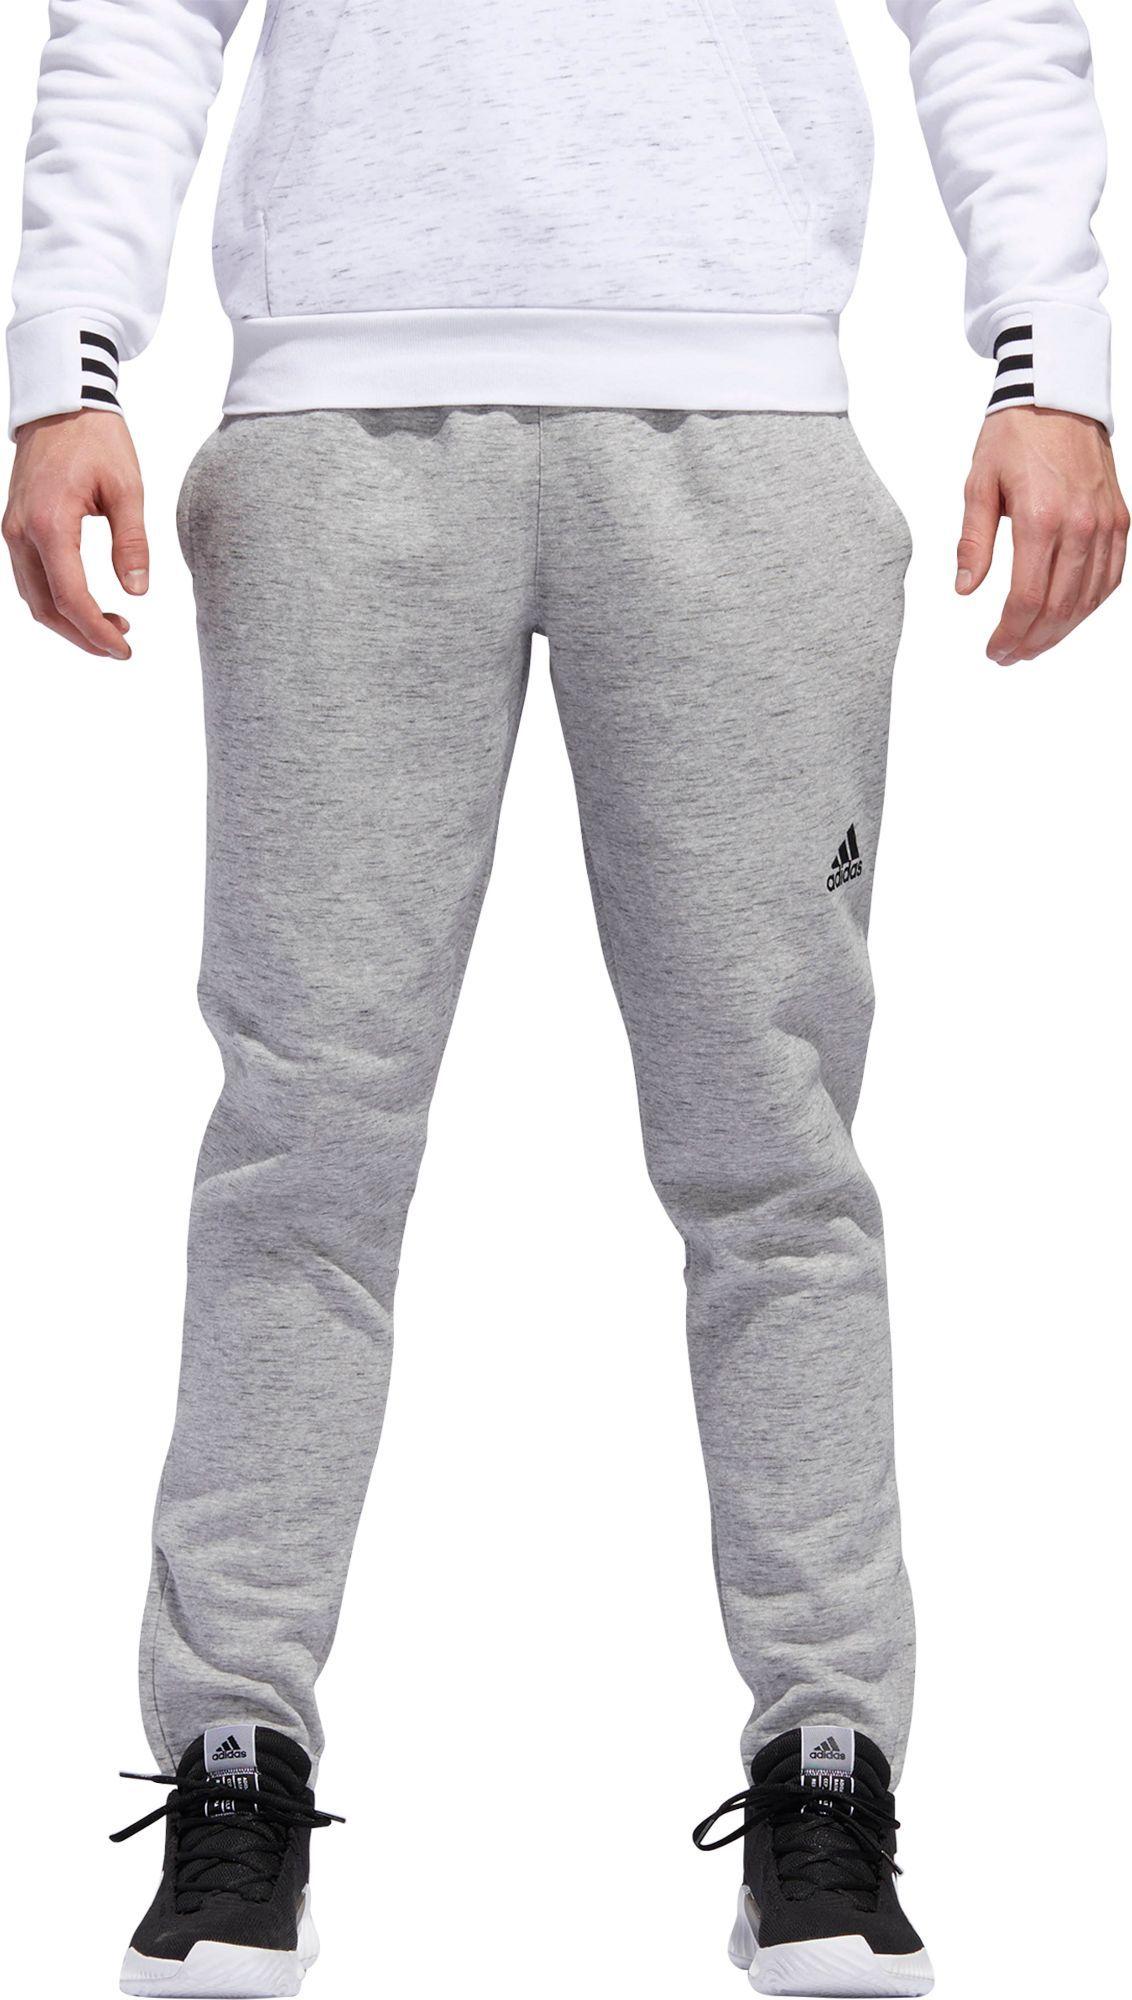 273abe5755b1 adidas Men s Post Game Fleece Tapered Pants